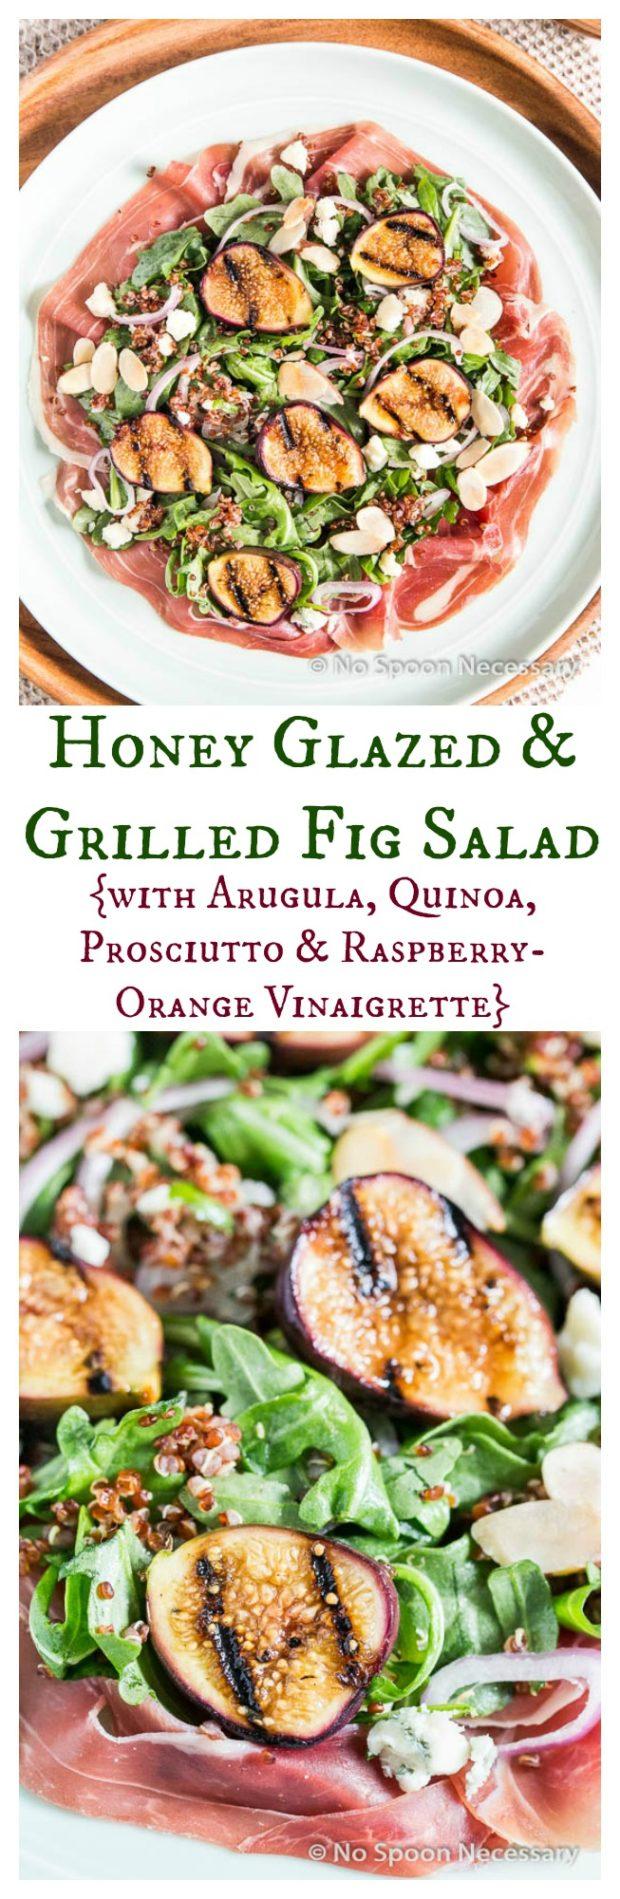 Honey Glazed & Grilled Fig Salad